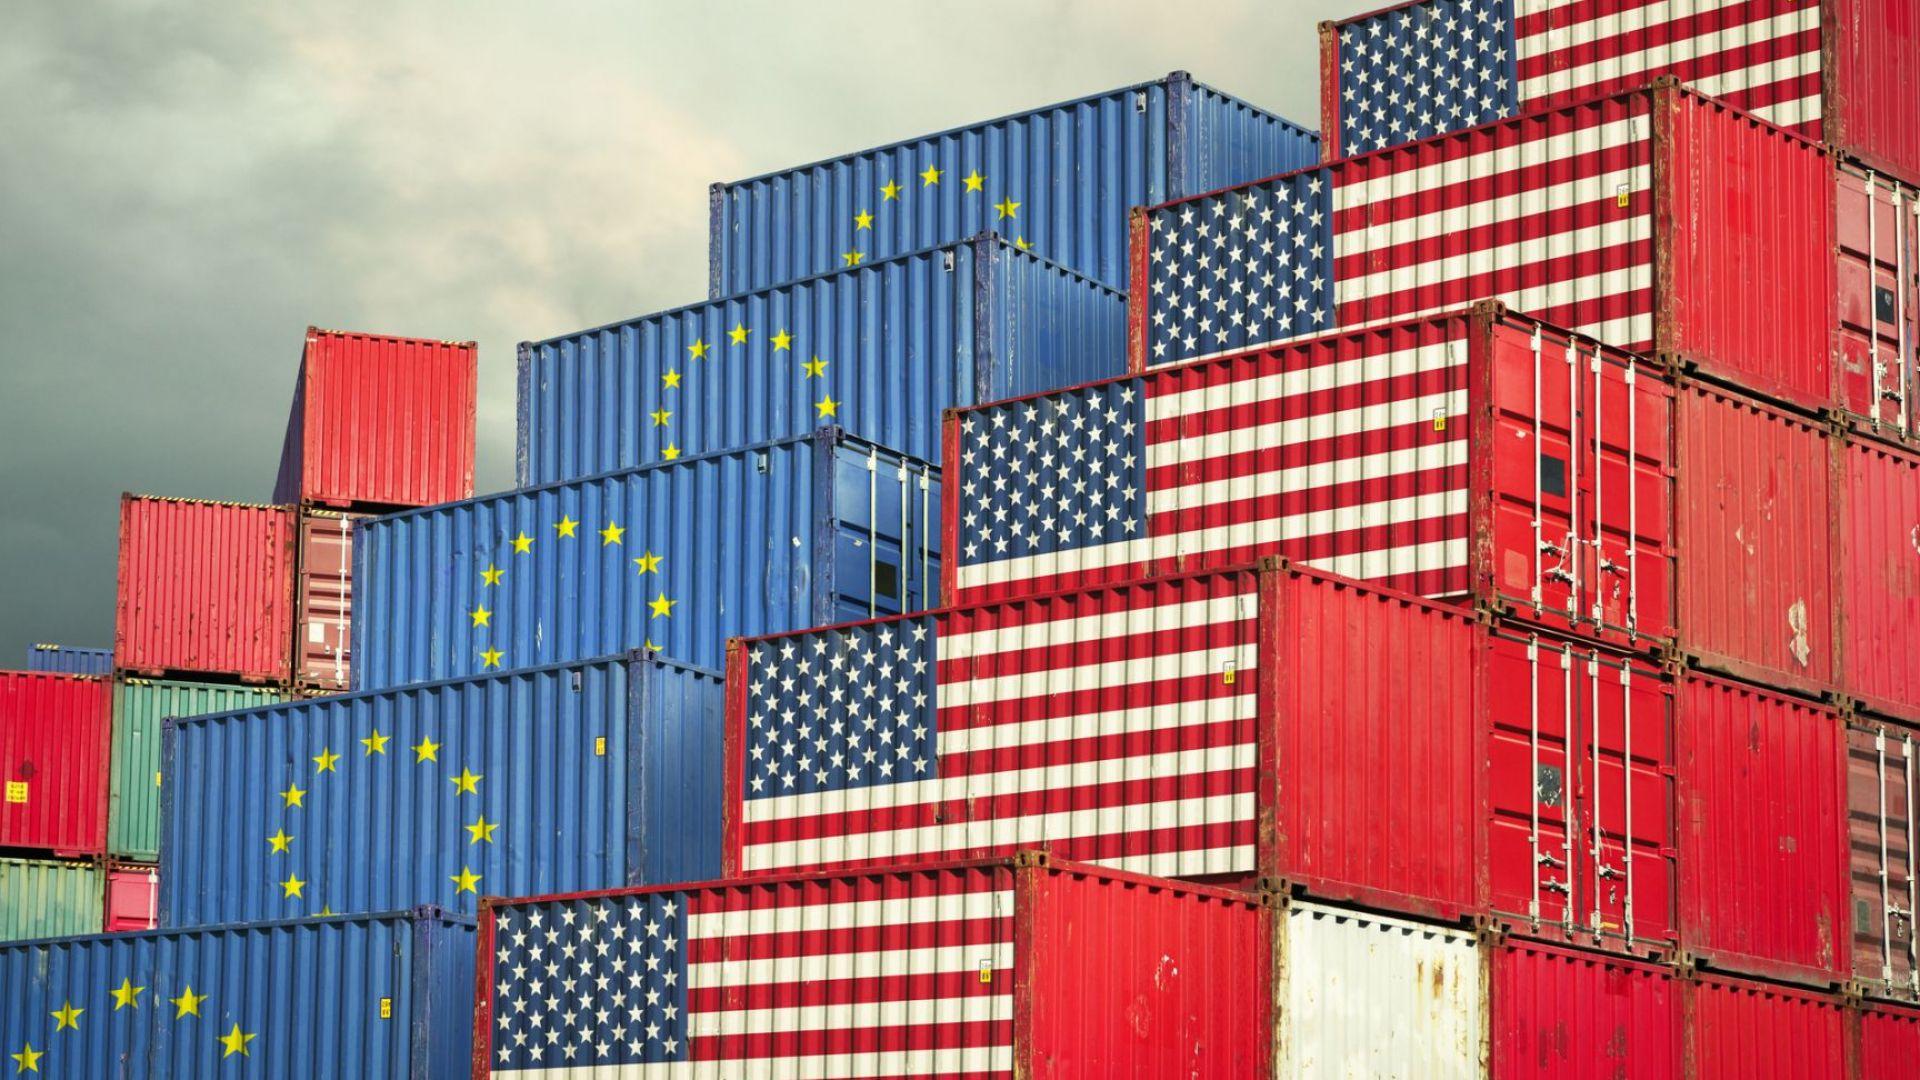 Нов епизод от търговската война между САЩ и ЕС -  още мита за редица европейски стоки